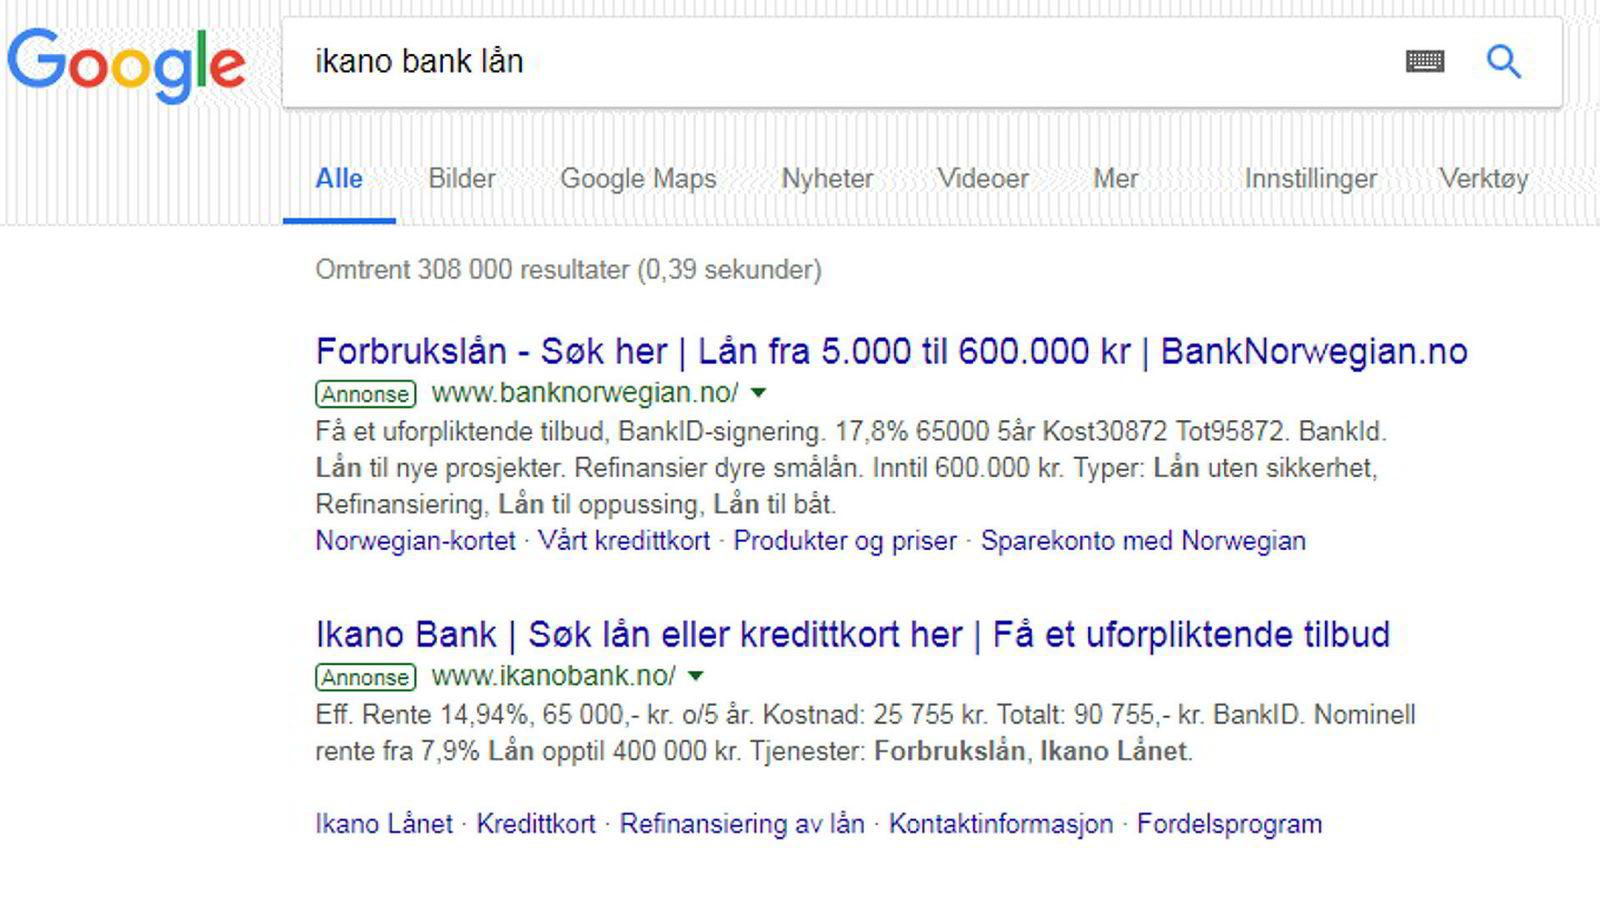 Bank Norwegian kommer først i søkeresultatene når man søker på lån i Ikano Bank. Søket ble gjort fredag 16. november.